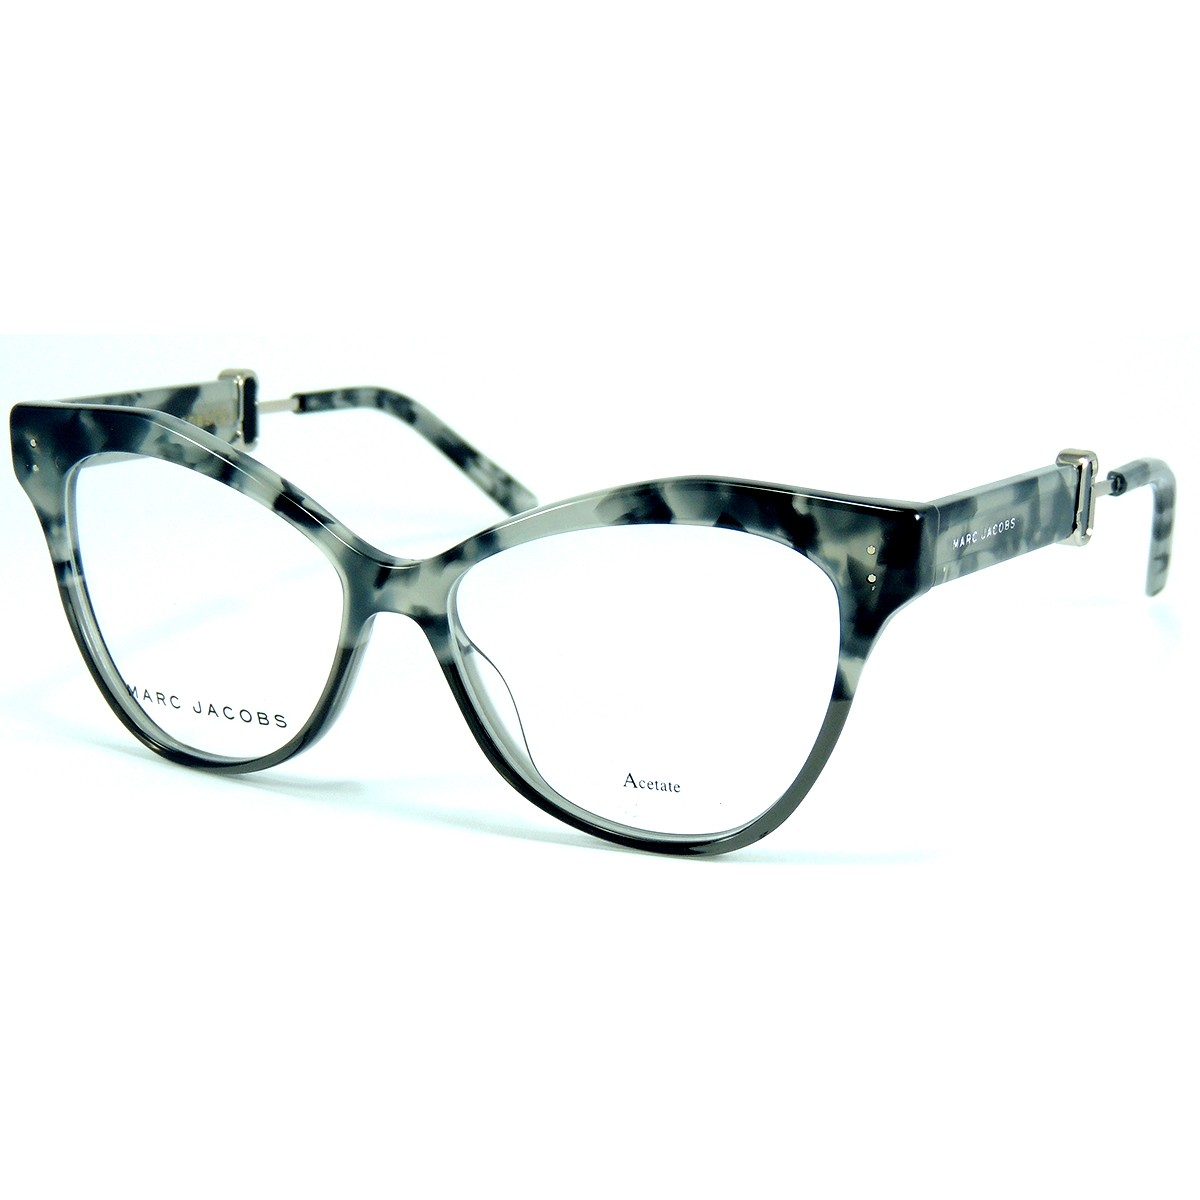 0dc69f94a6ca4 Compre Óculos de Grau Marc Jacobs em 10X   Tri-Jóia Shop